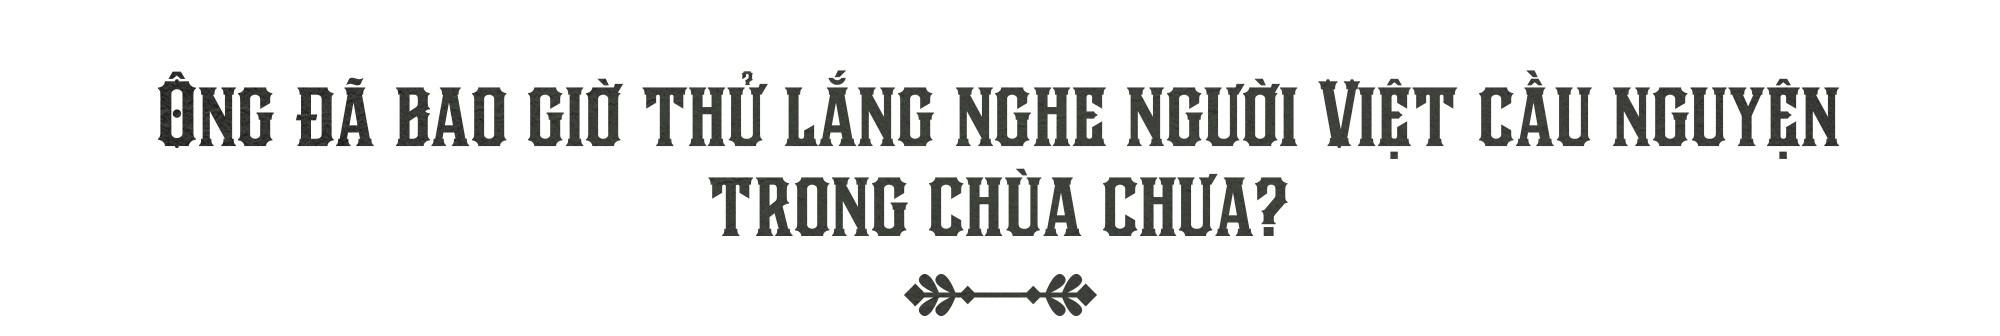 Văn hóa Việt và chùa chiền hấp dẫn tôi một cách tự nhiên - Ảnh 4.